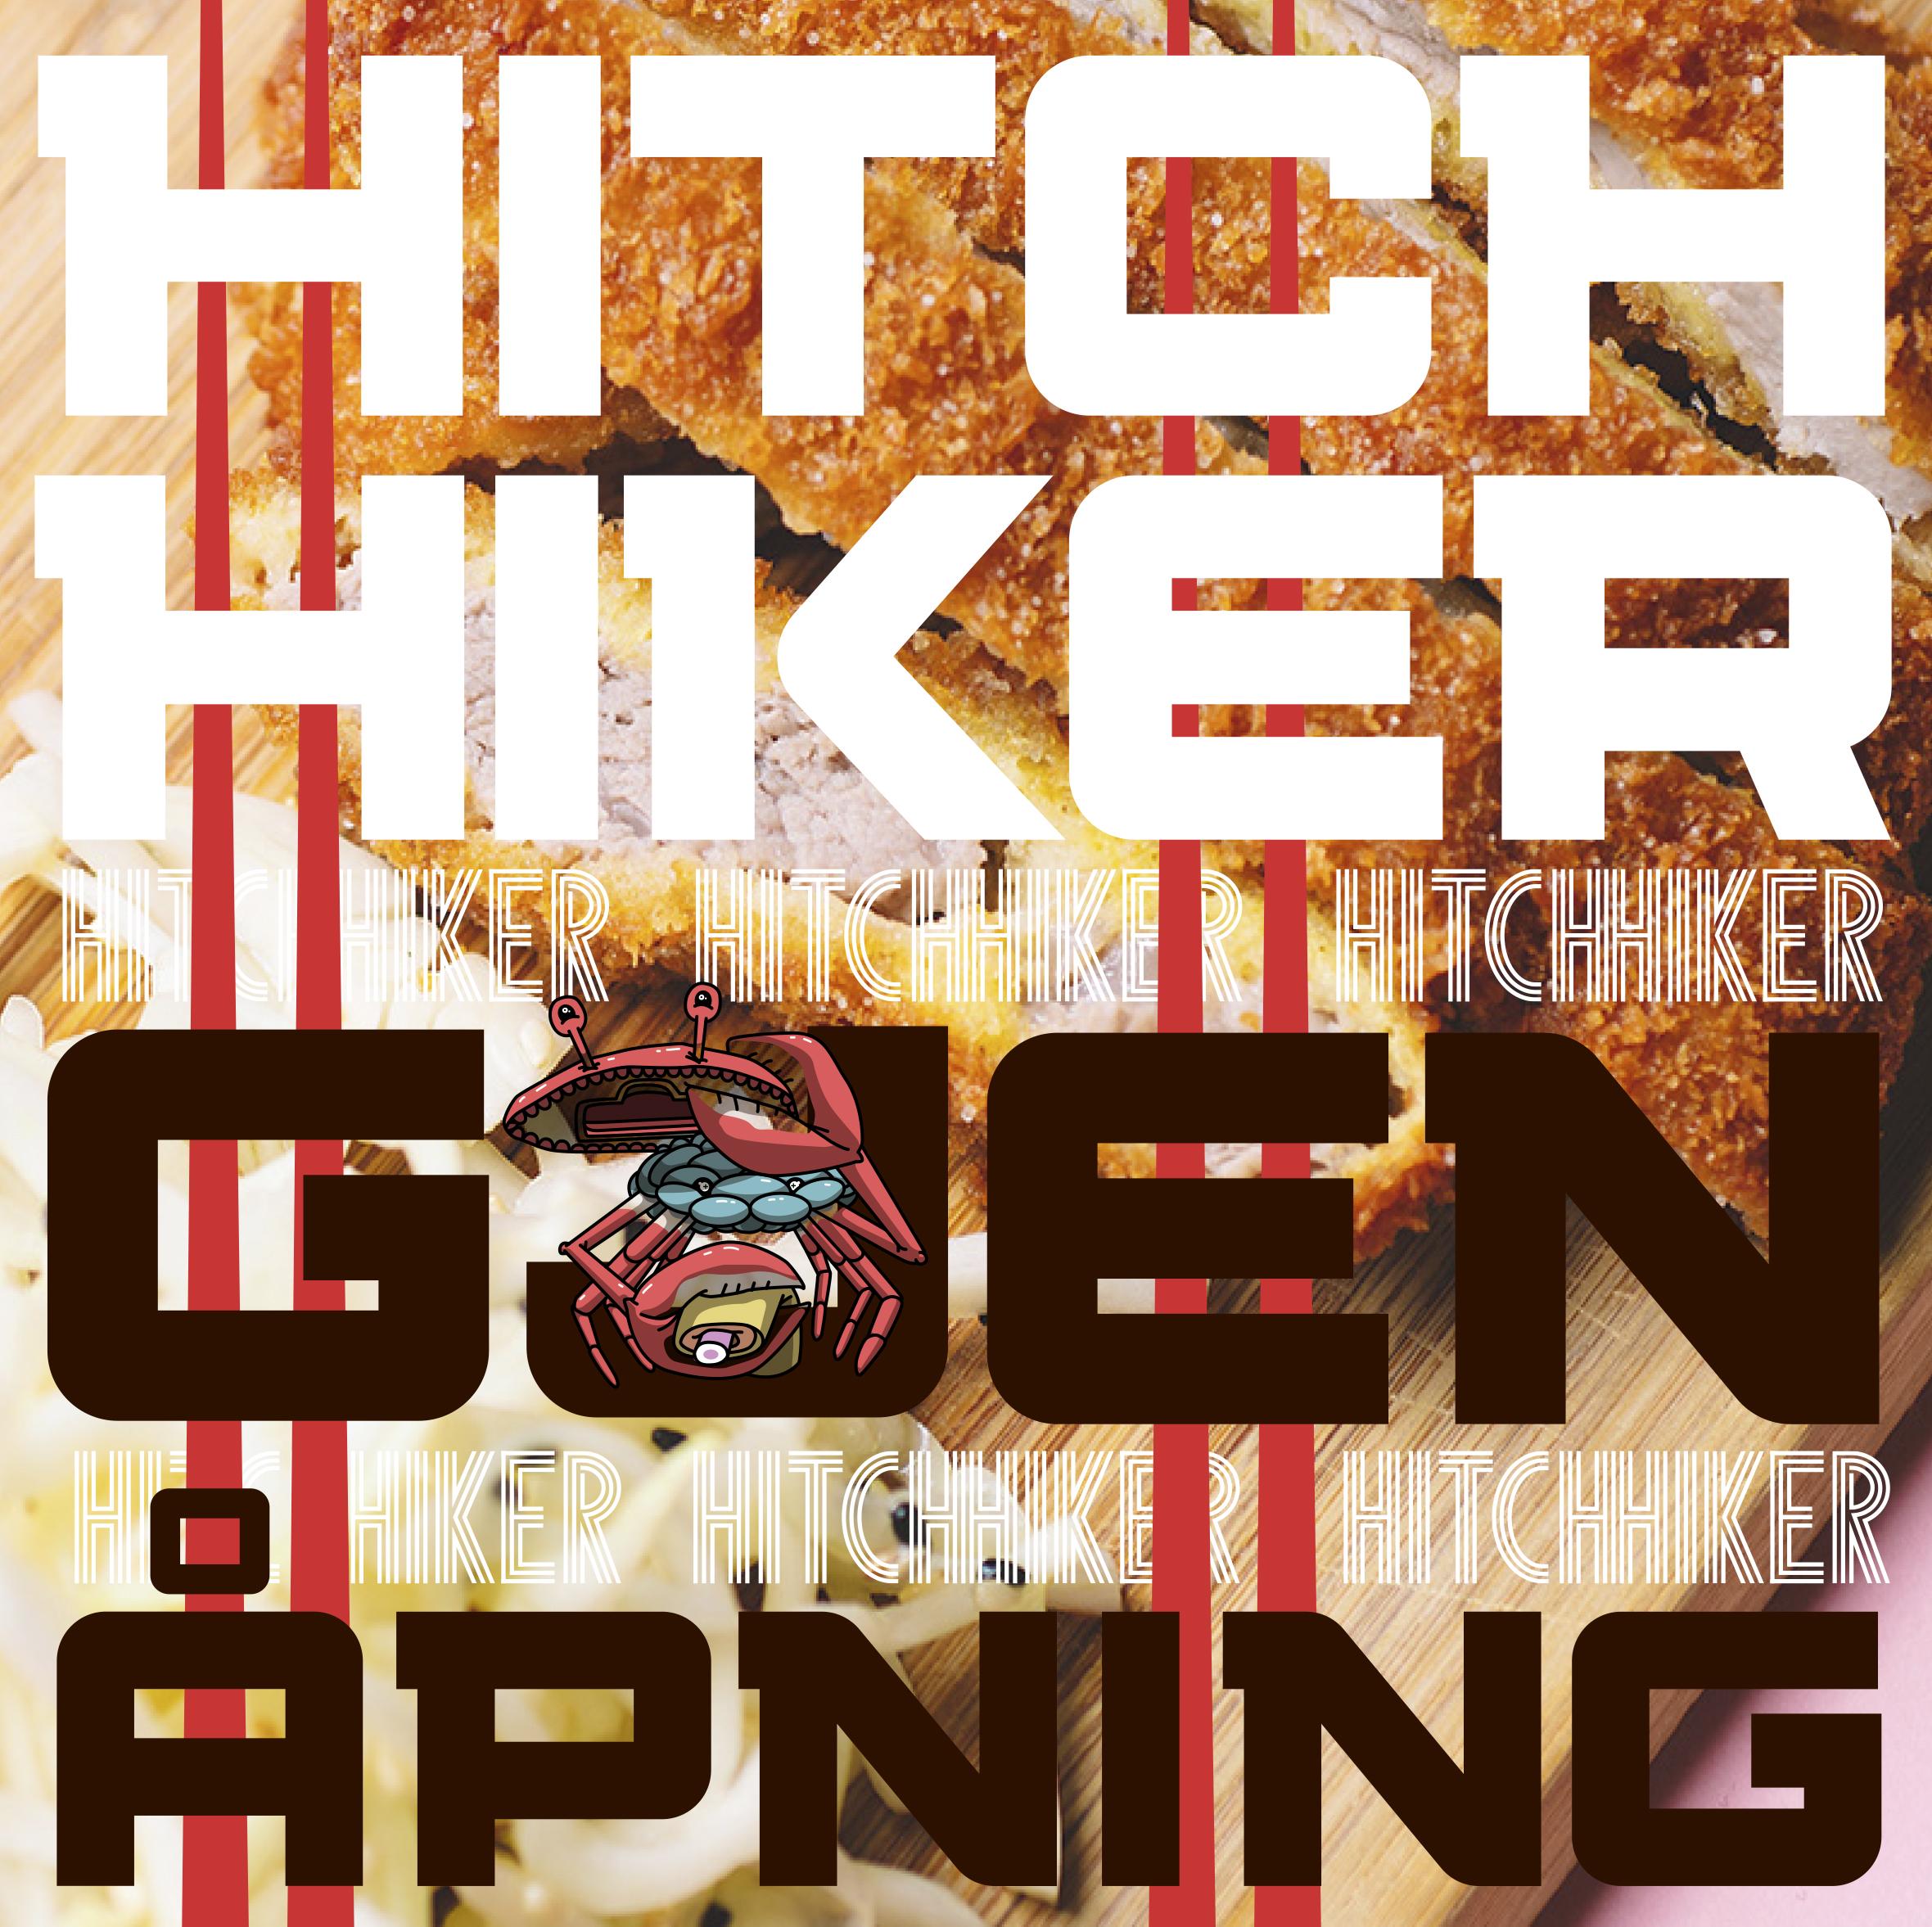 Hitchhiker_gjenåpning_Mov4.jpg